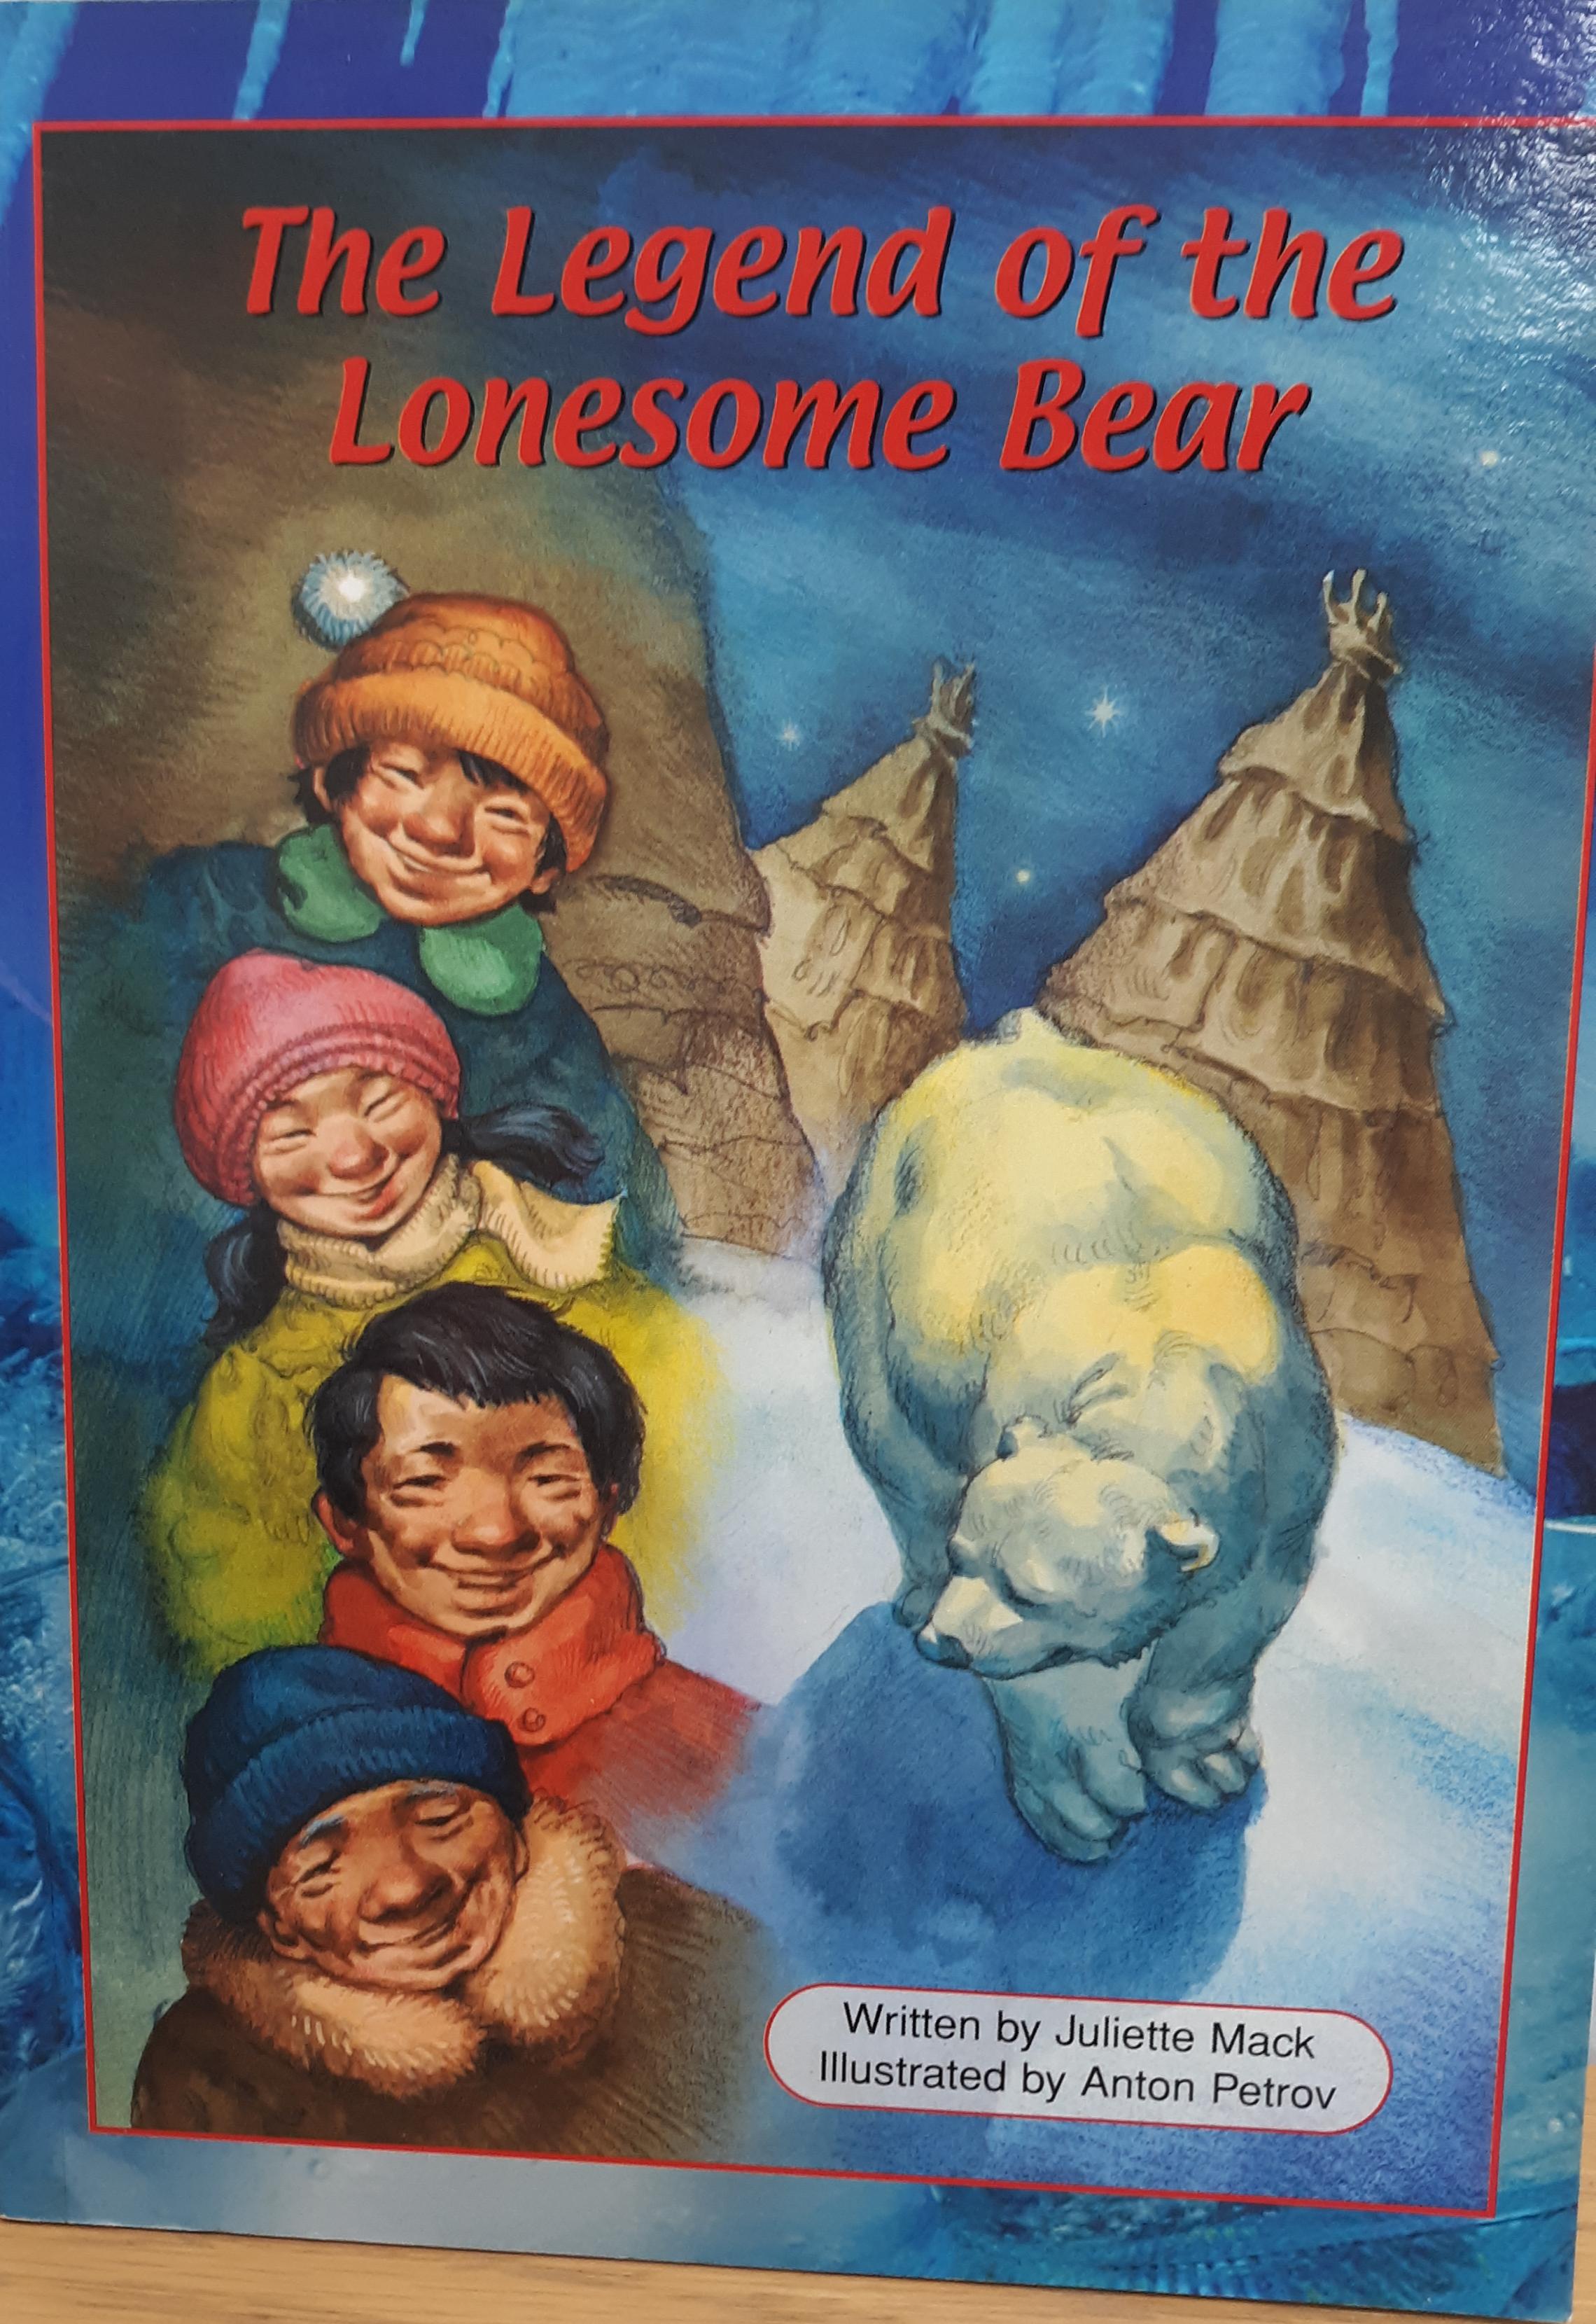 https://0201.nccdn.net/1_2/000/000/18e/6a8/the-legend-of-the-lonesome-bear.png